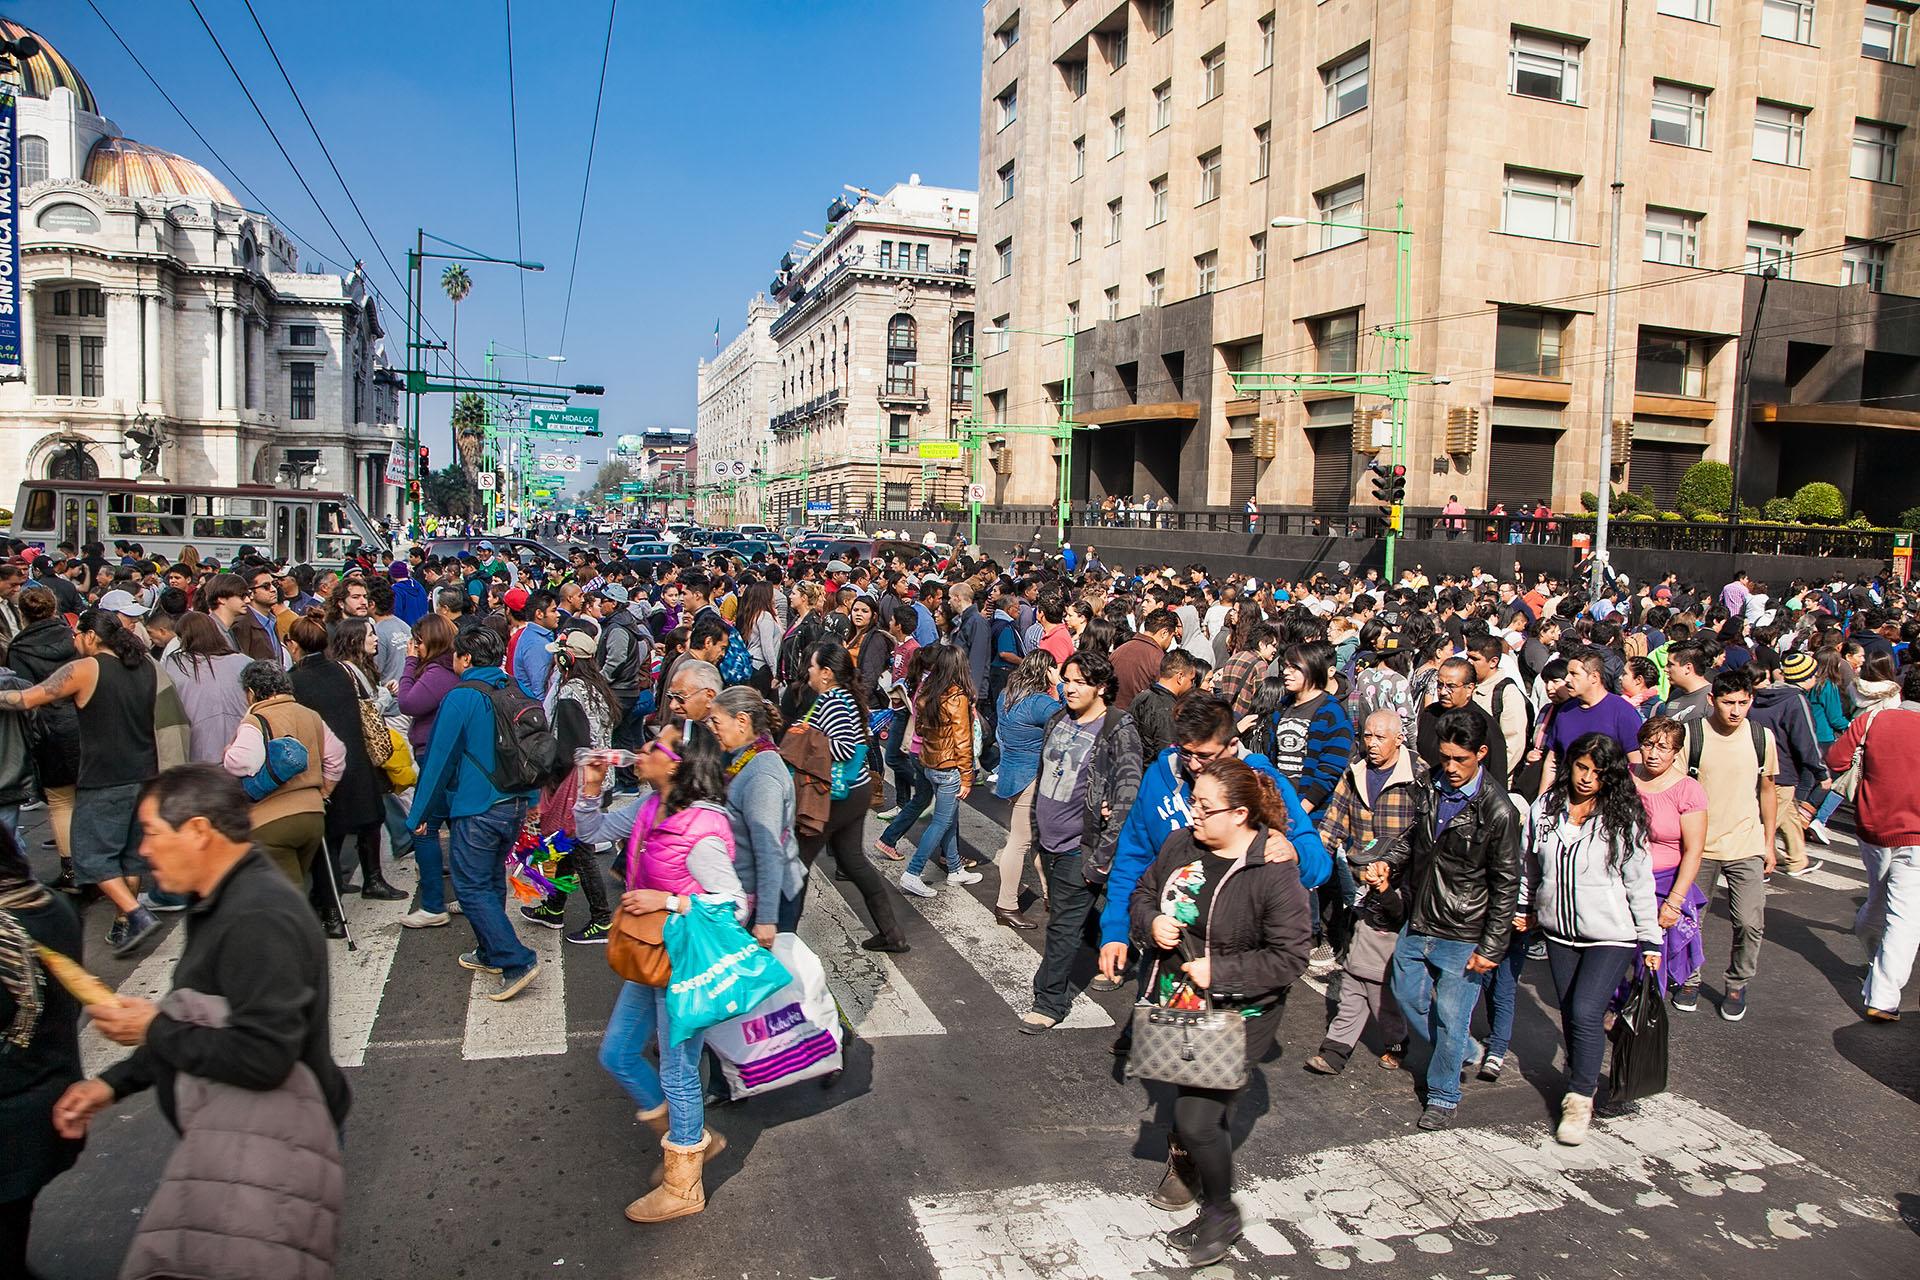 ANTES - La Ciudad de México es la décima más poblada del mundo (Shutterstock)